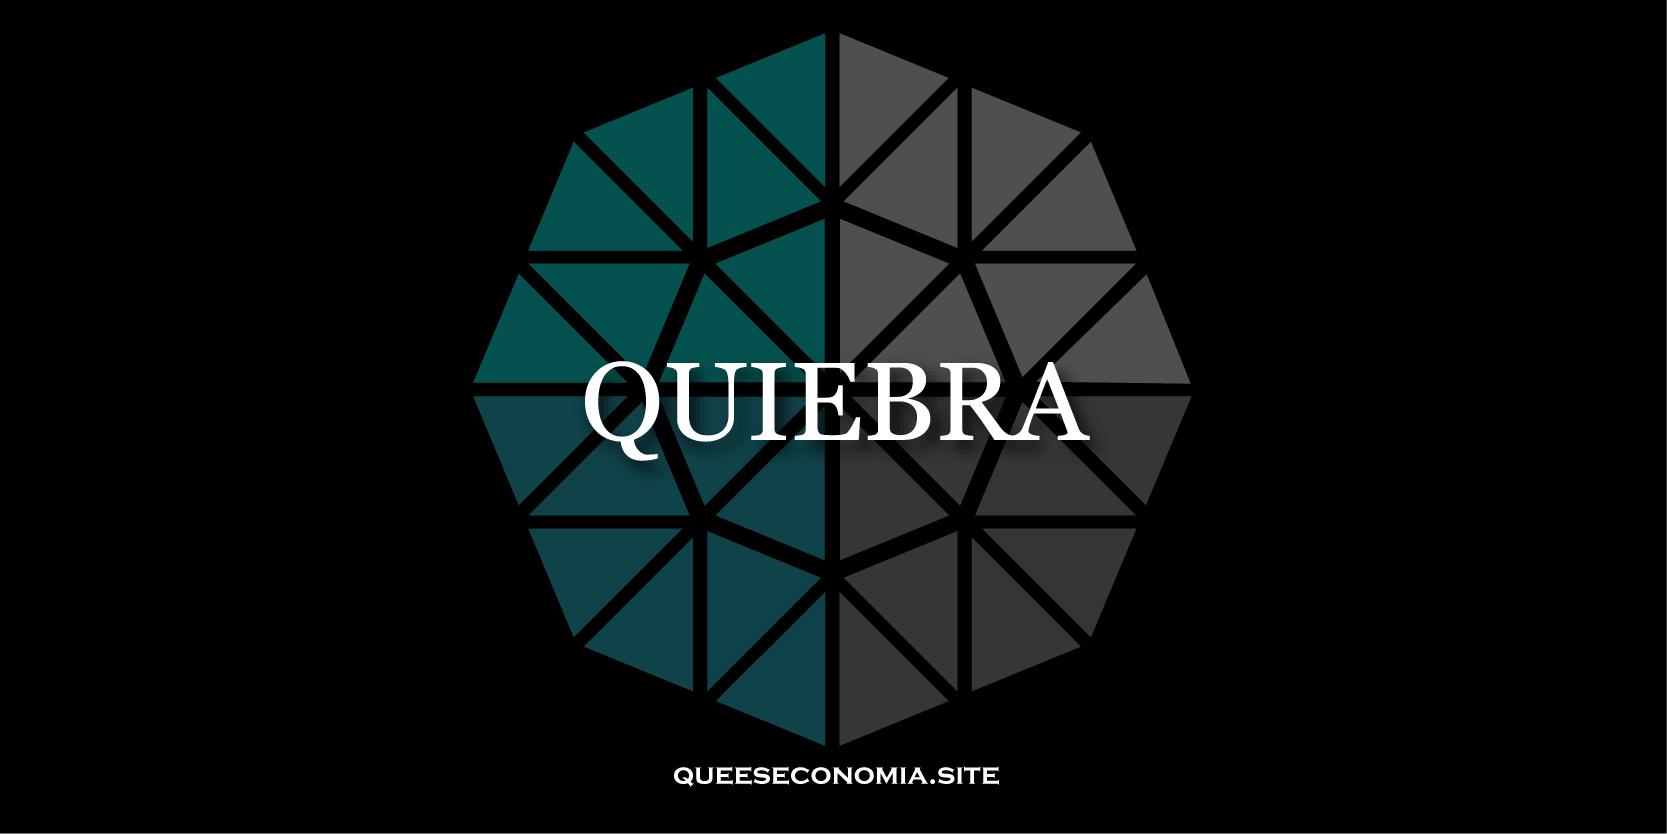 quiebra